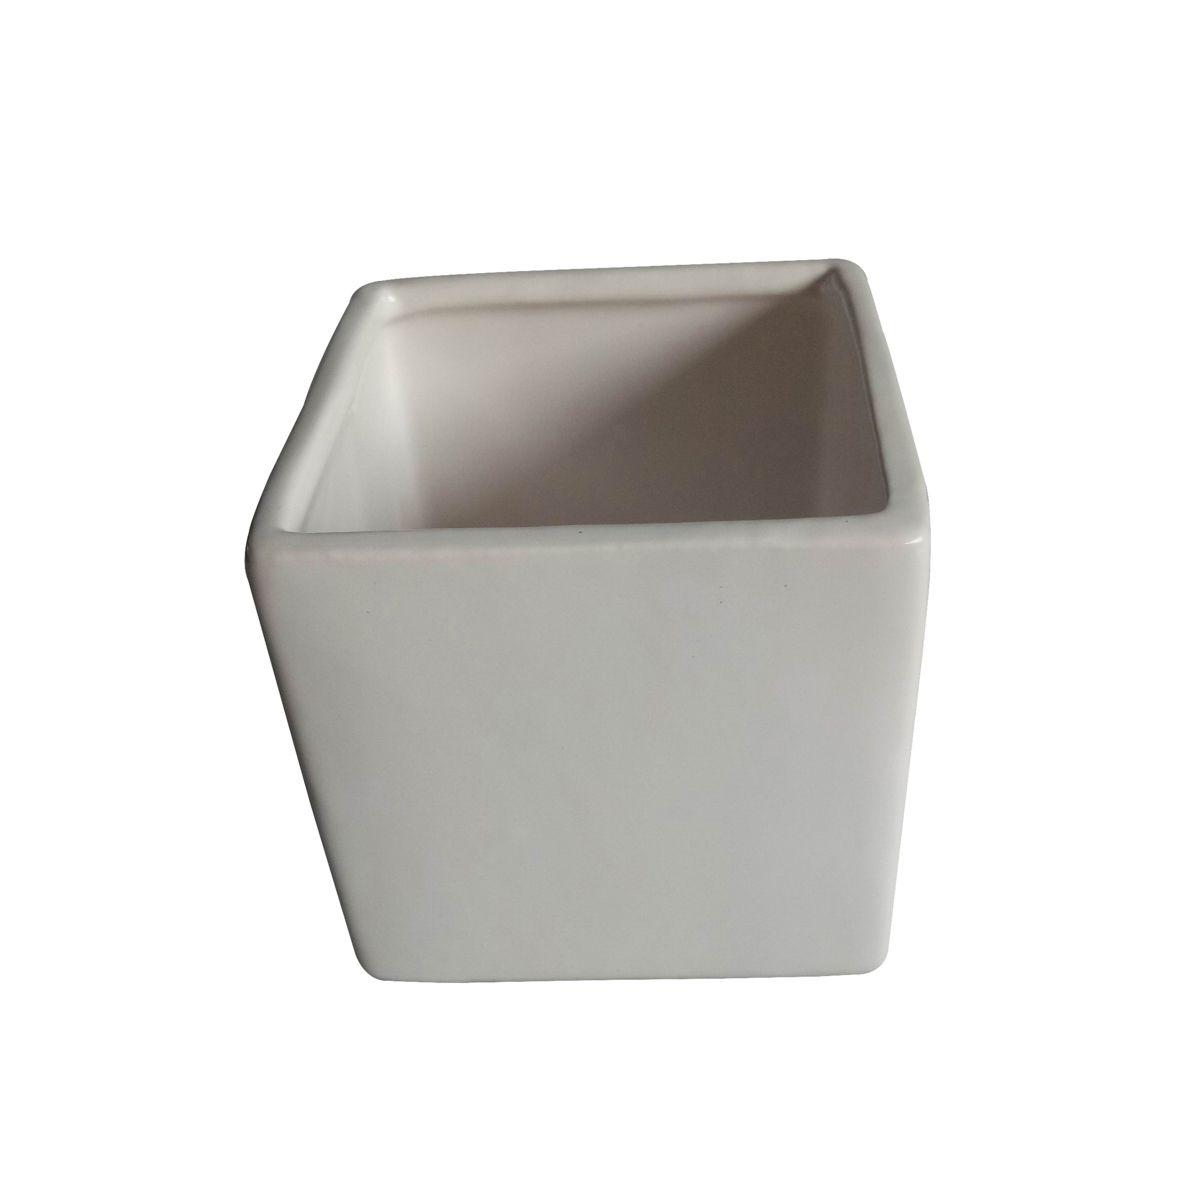 Cachepô de Cerâmica Quadrado Basics Branco 6cm x 7cm - 44087